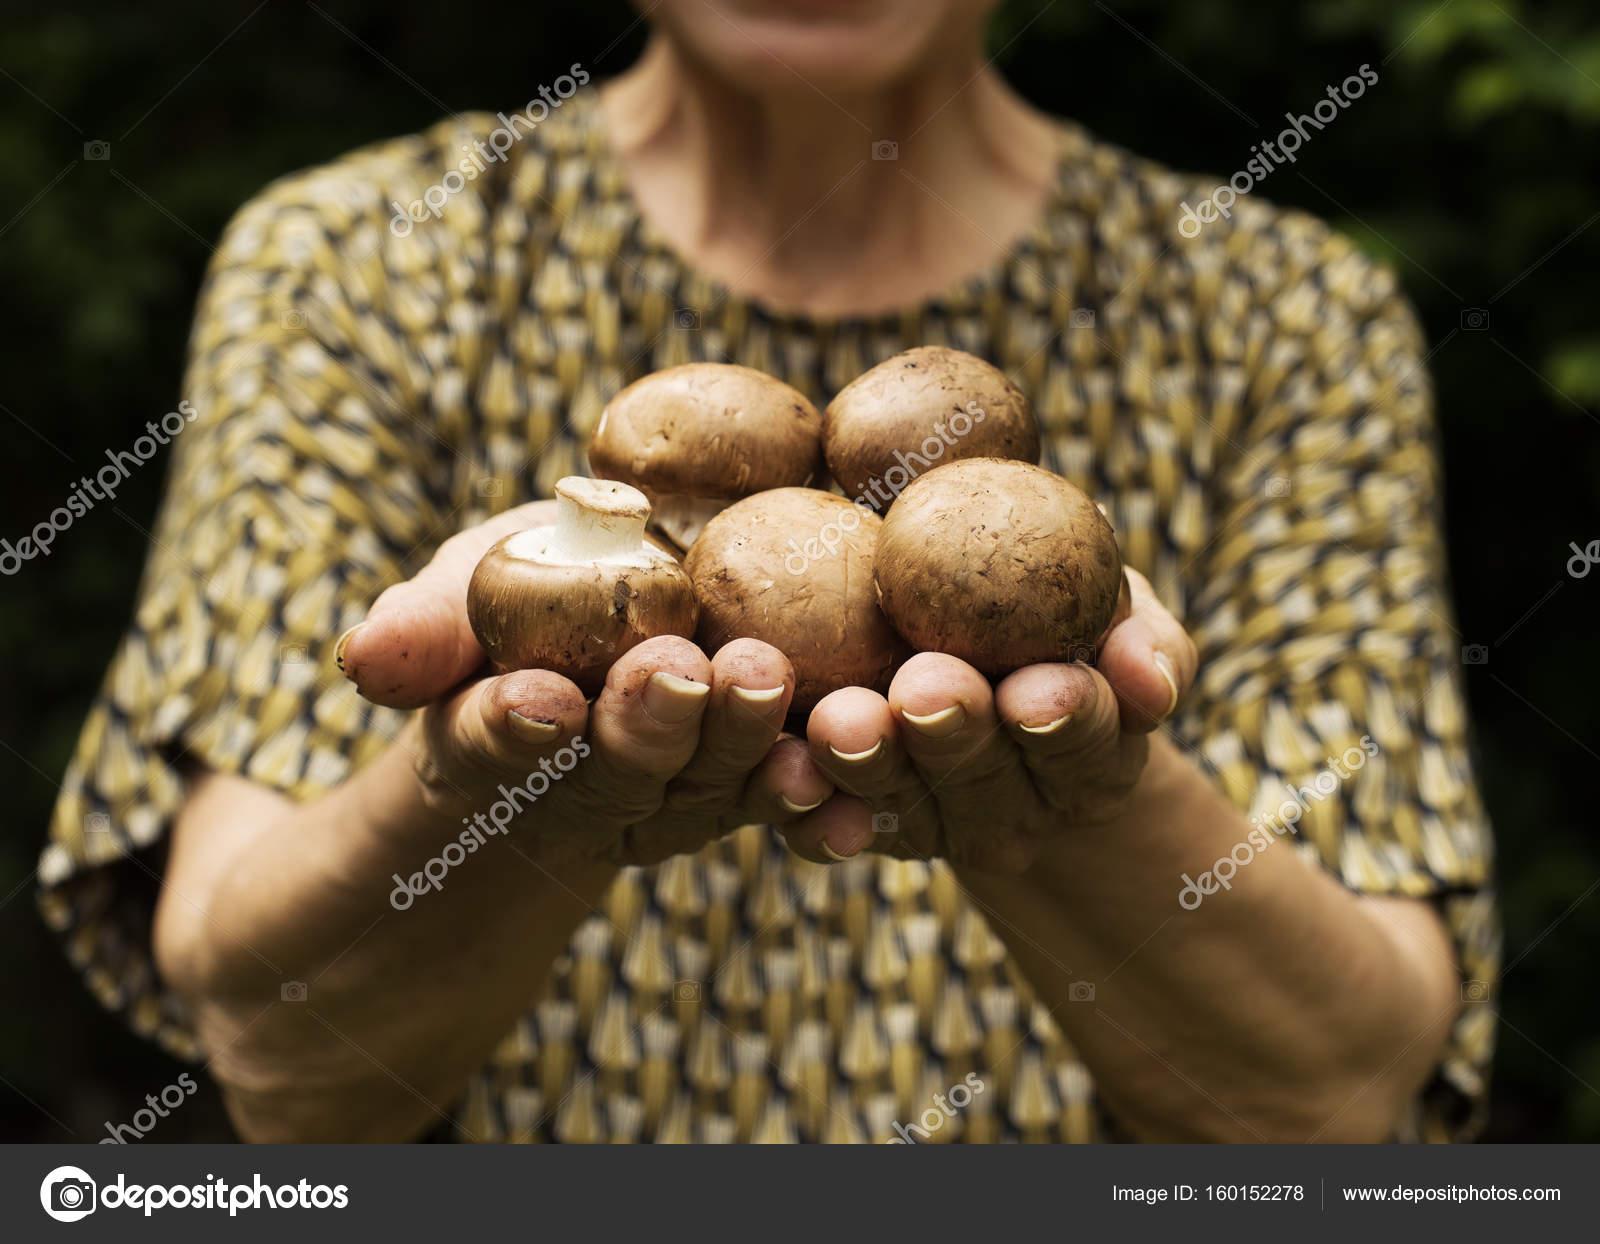 Женские руки с грибами — стоковое фото